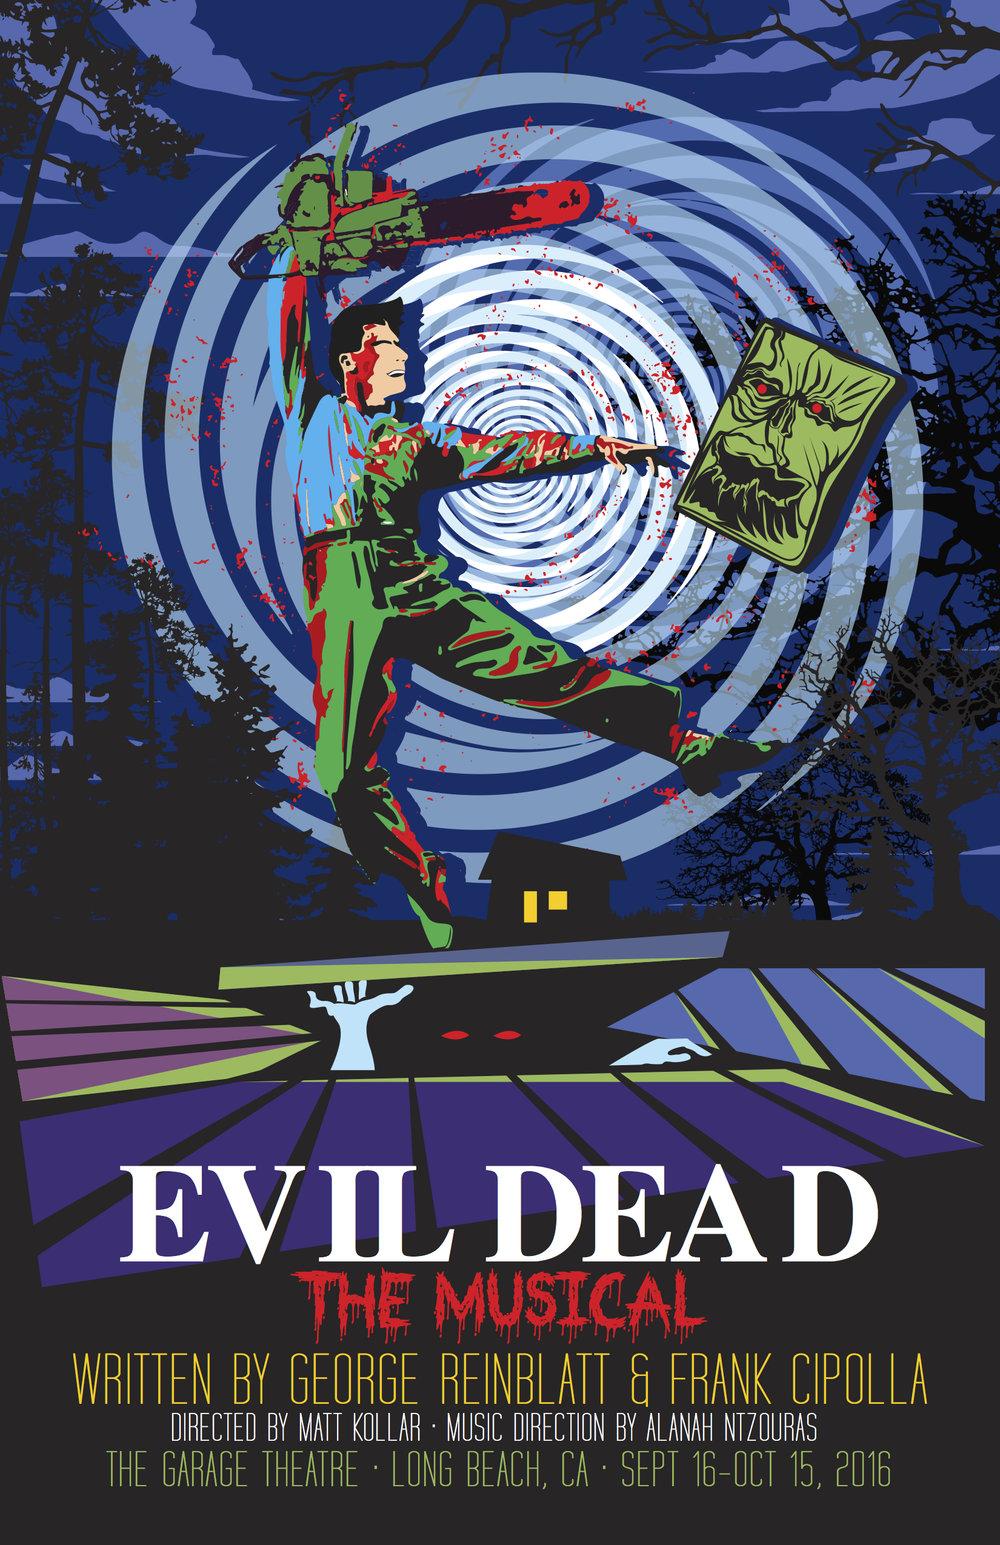 EvilDeadMusical (1).jpg